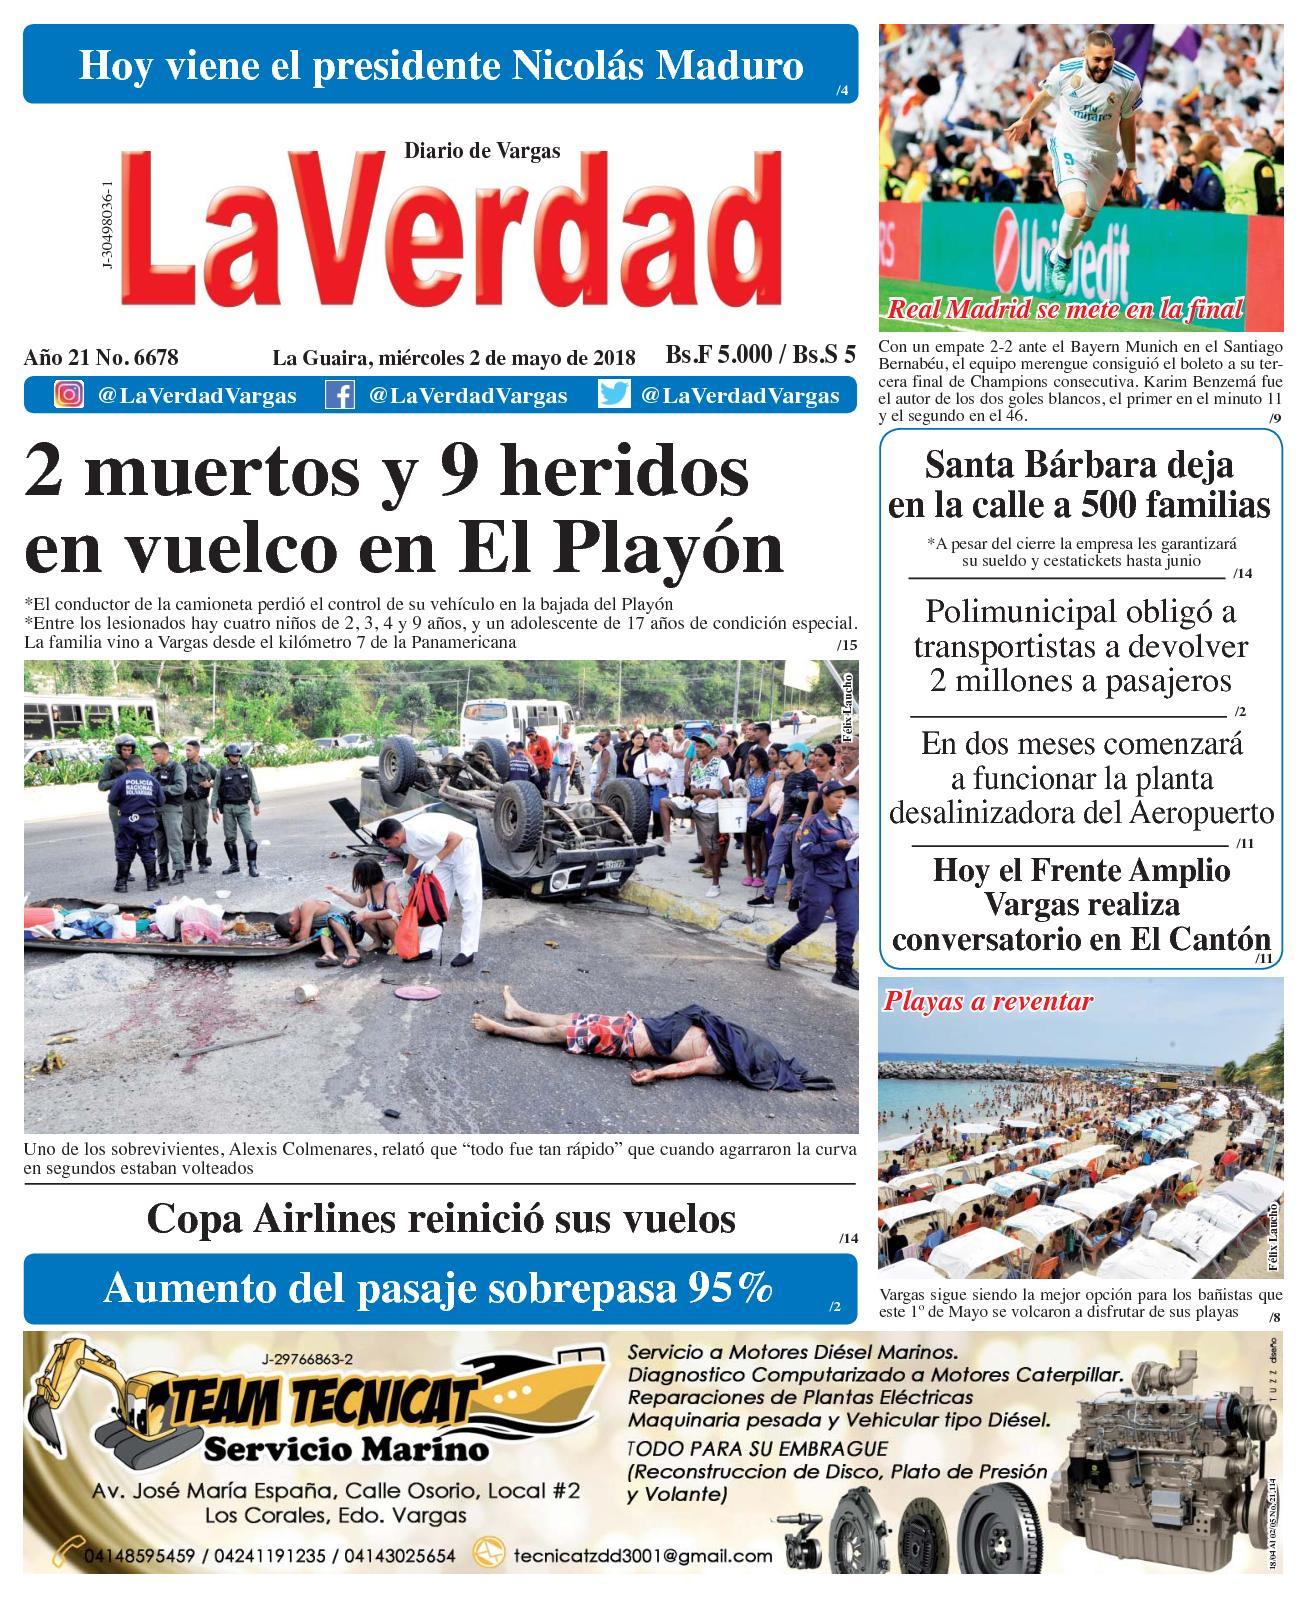 Calaméo - La Guaira, miércoles 2 de mayo de 2018. Año 20 No 6678